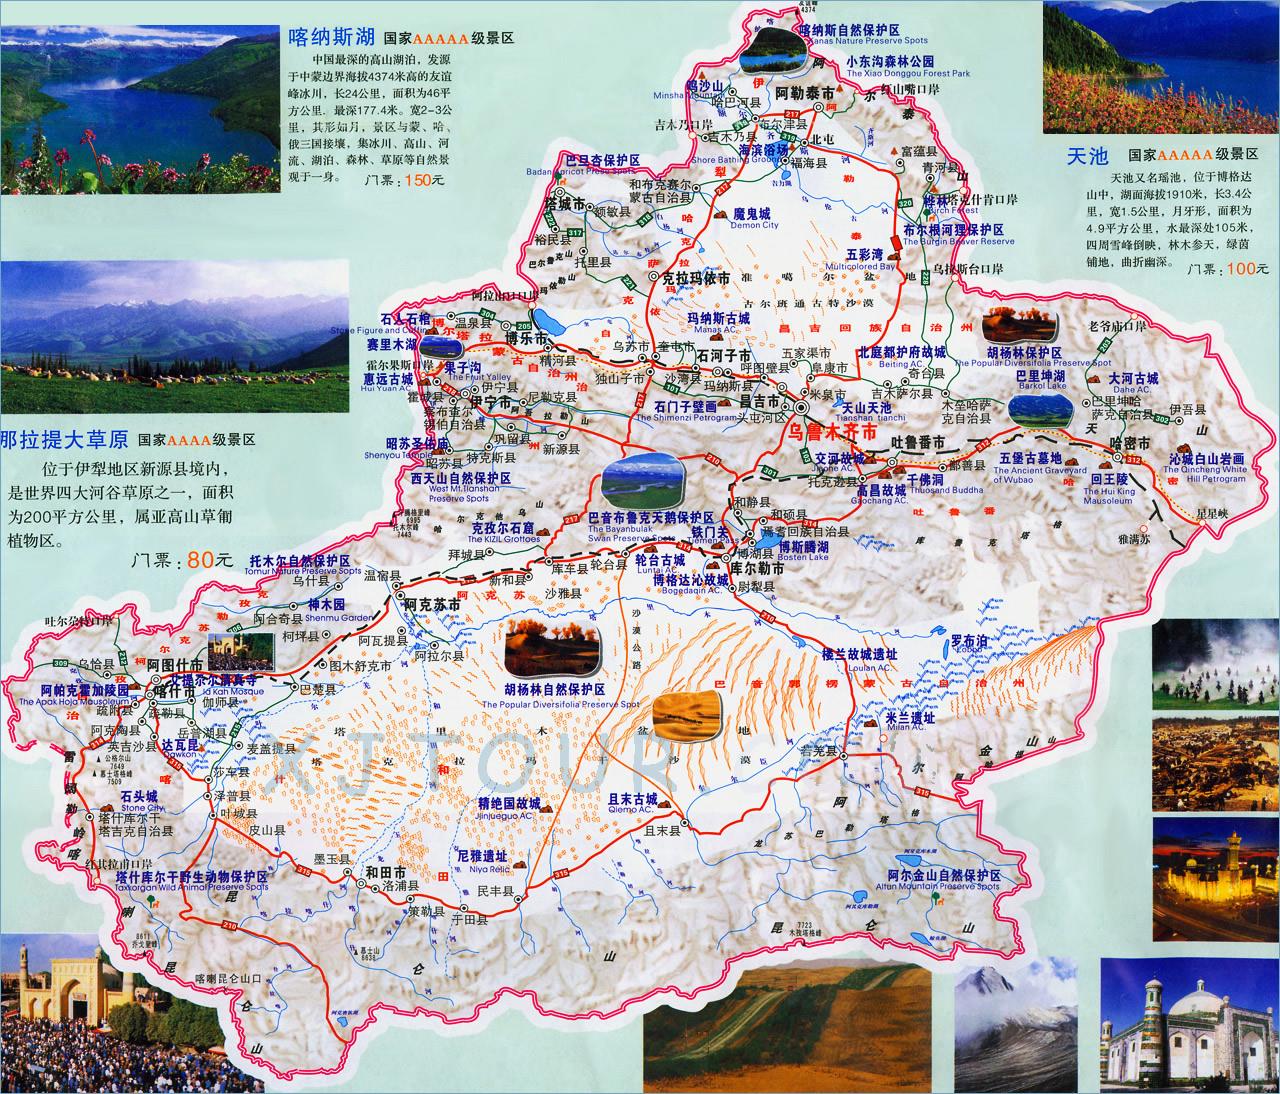 新疆旅游地图.jpg